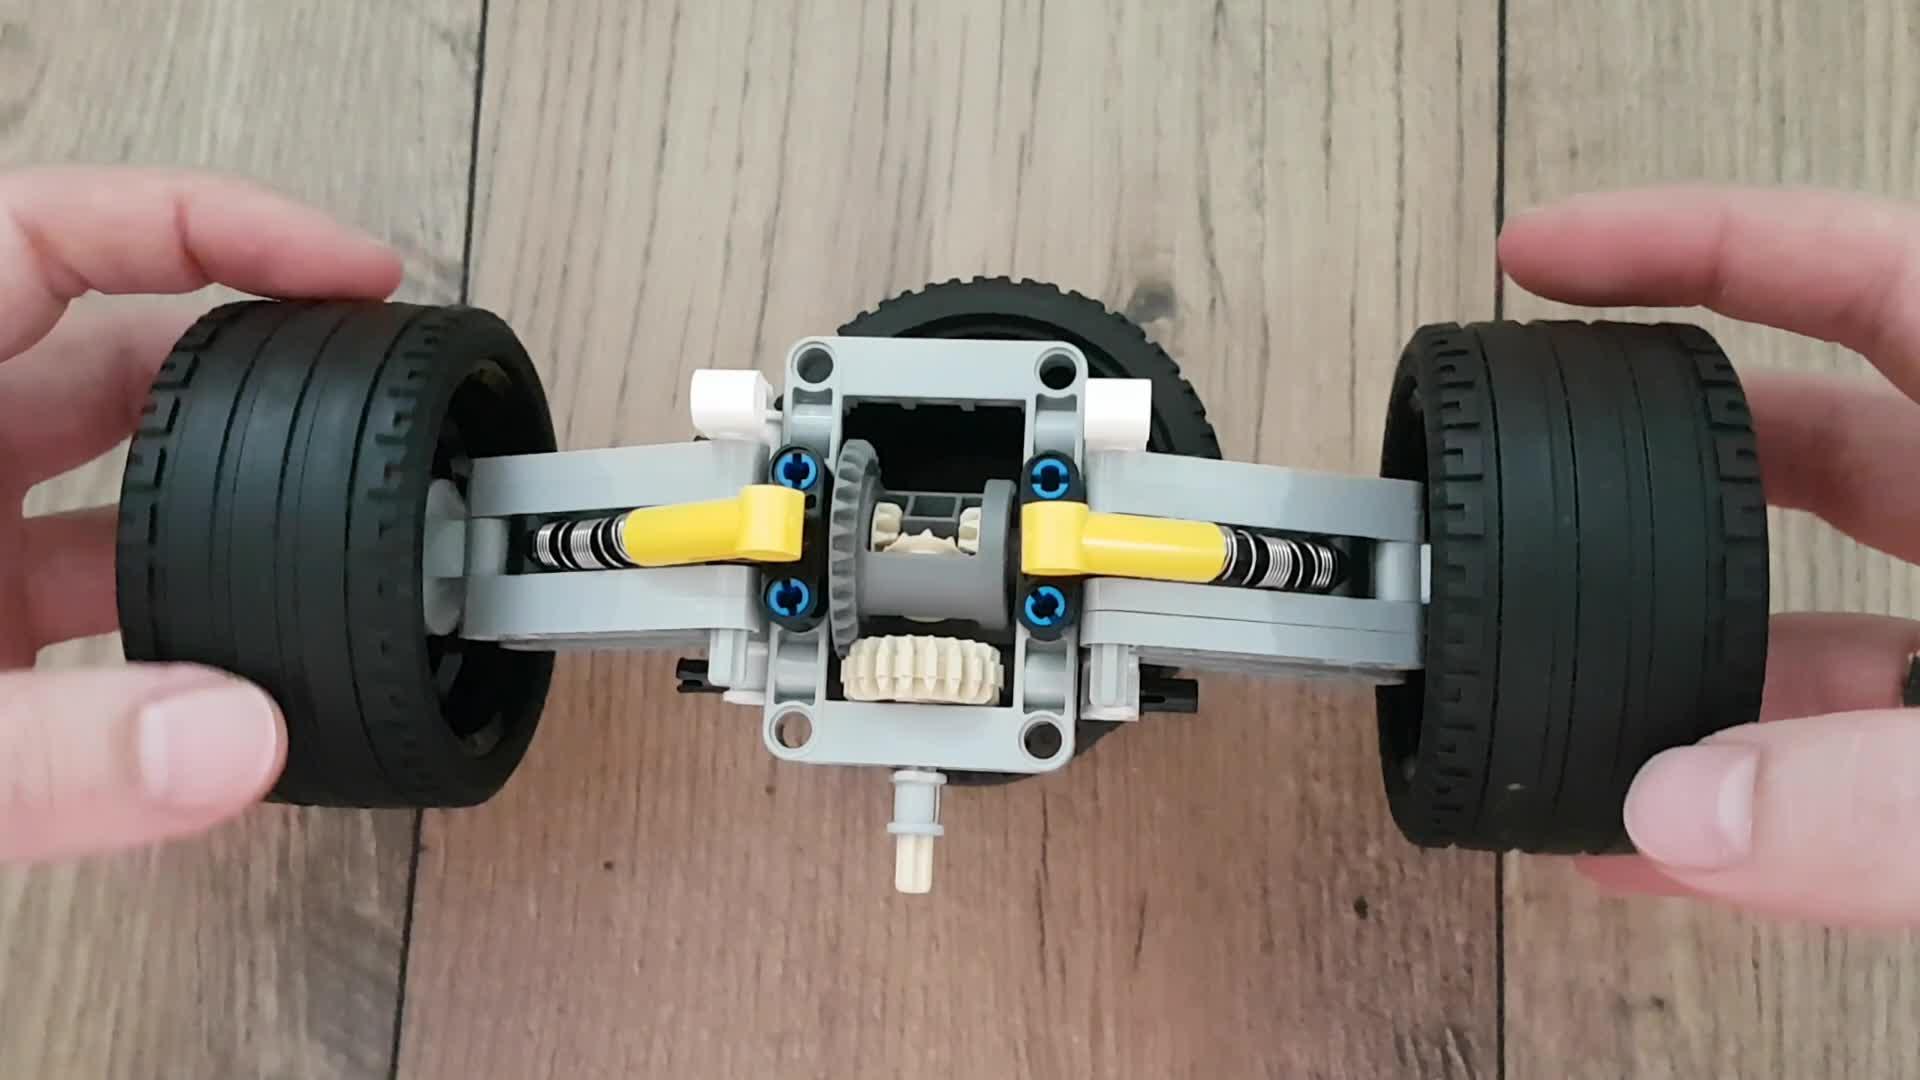 42096, 911, afol, lego, porsche, rsr, LEGO-42096-Porsche-911-RSR GIFs